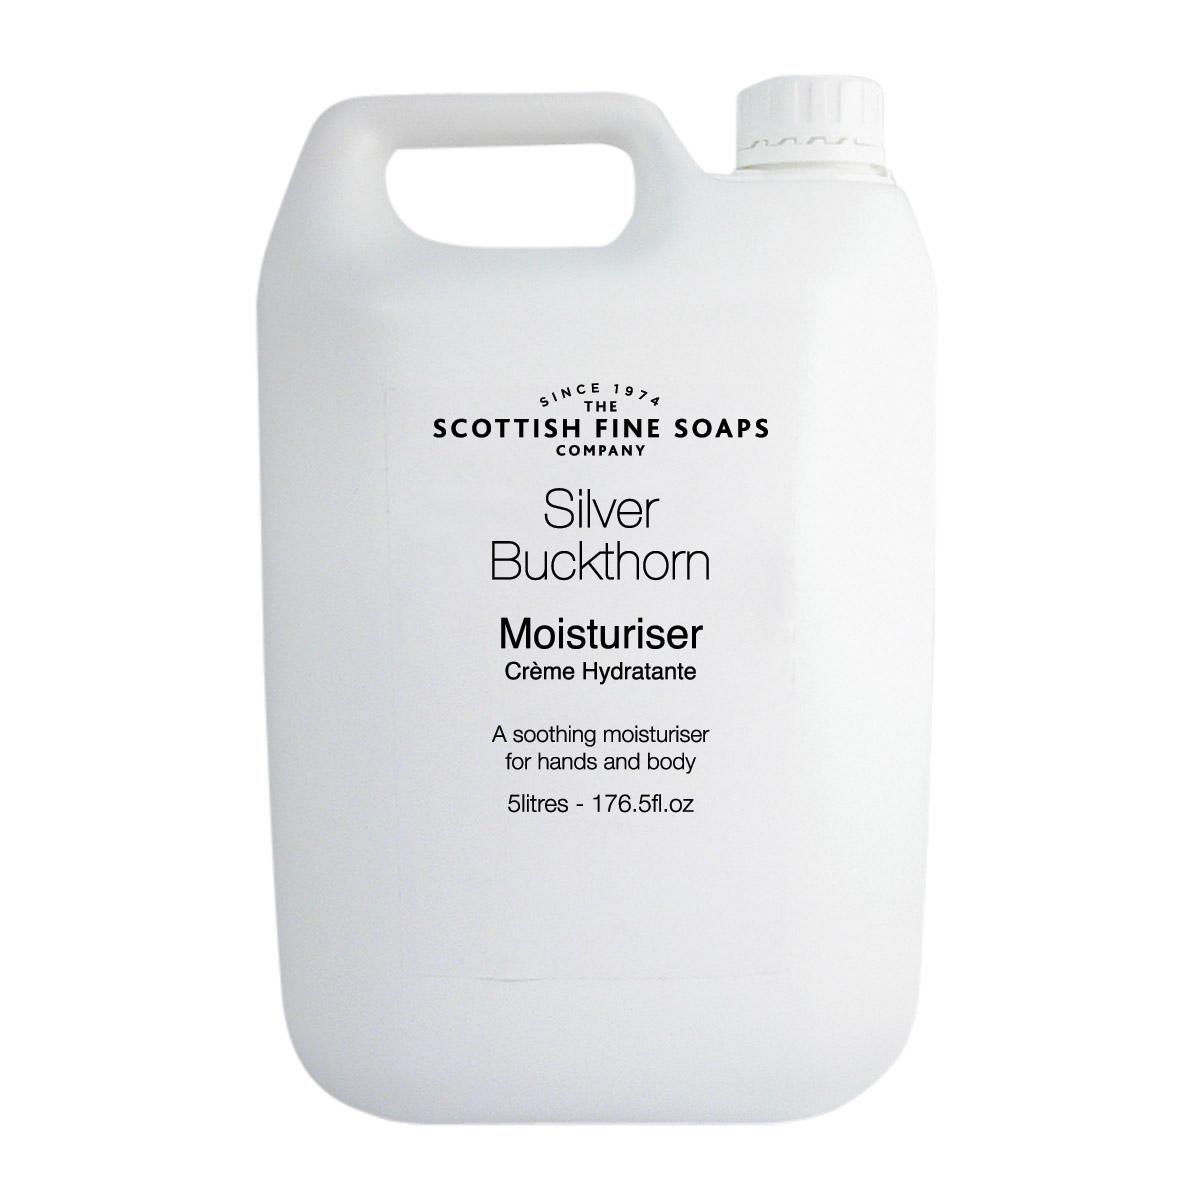 Silver Buckthorn Moisturiser 5Ltr